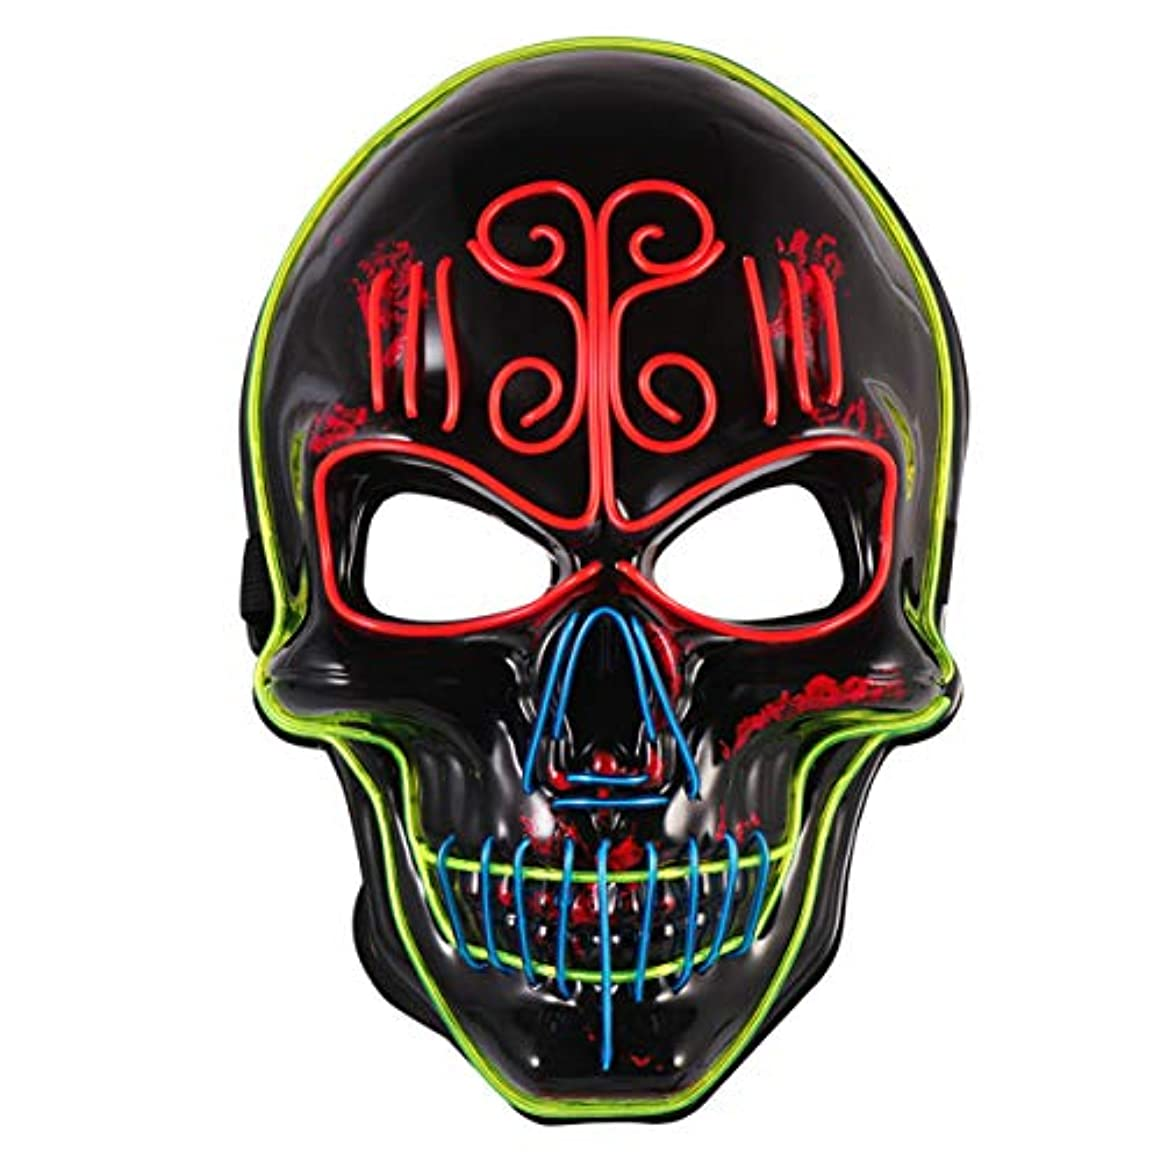 入口脚ほのめかすAmosfun ledライトマスク怖いスカルヘッドテロコスプレマスクヘッドカバー発光マスク用ファンシーパーティーハロウィンダンスパーティー